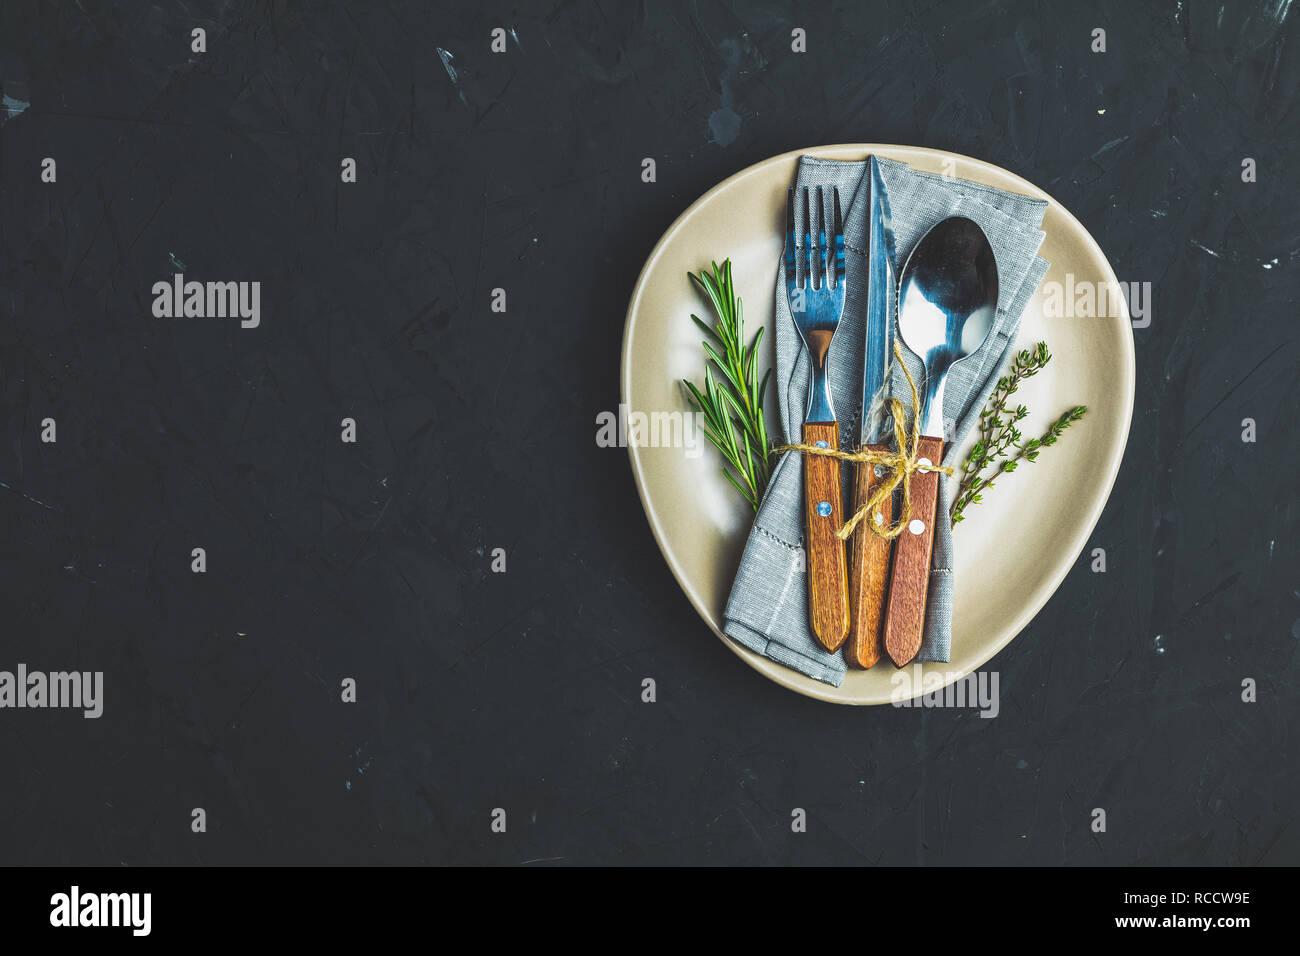 Rustikale vintage Set Besteck Messer, Gabel und Löffel in Licht Keramikplatte. Schwarzer Stein Betonoberfläche Hintergrund. Ansicht von oben, kopieren. Stockbild